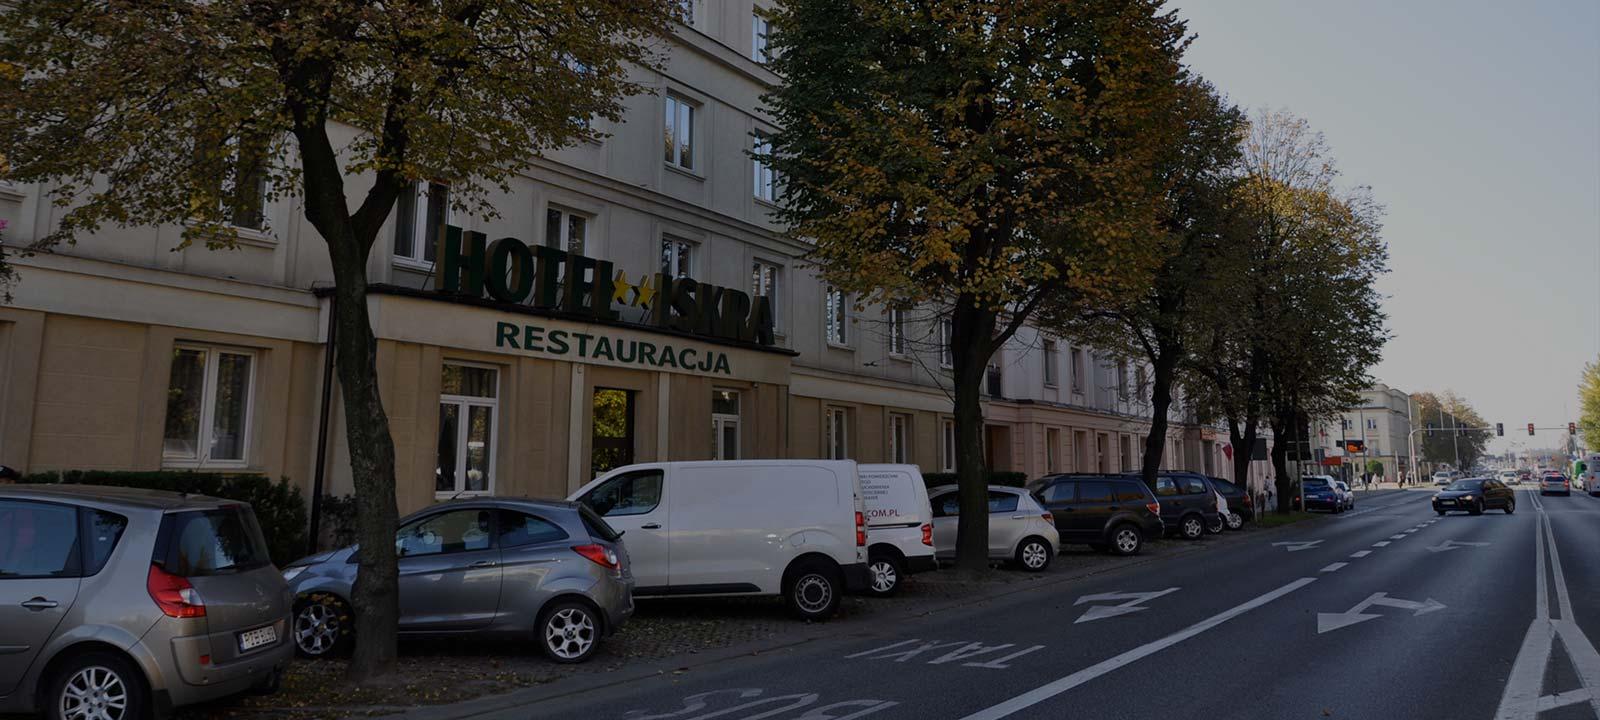 Hotel Iskra - Tanie noclegi w Rzeszowie, bardzo dobra lokalizacja